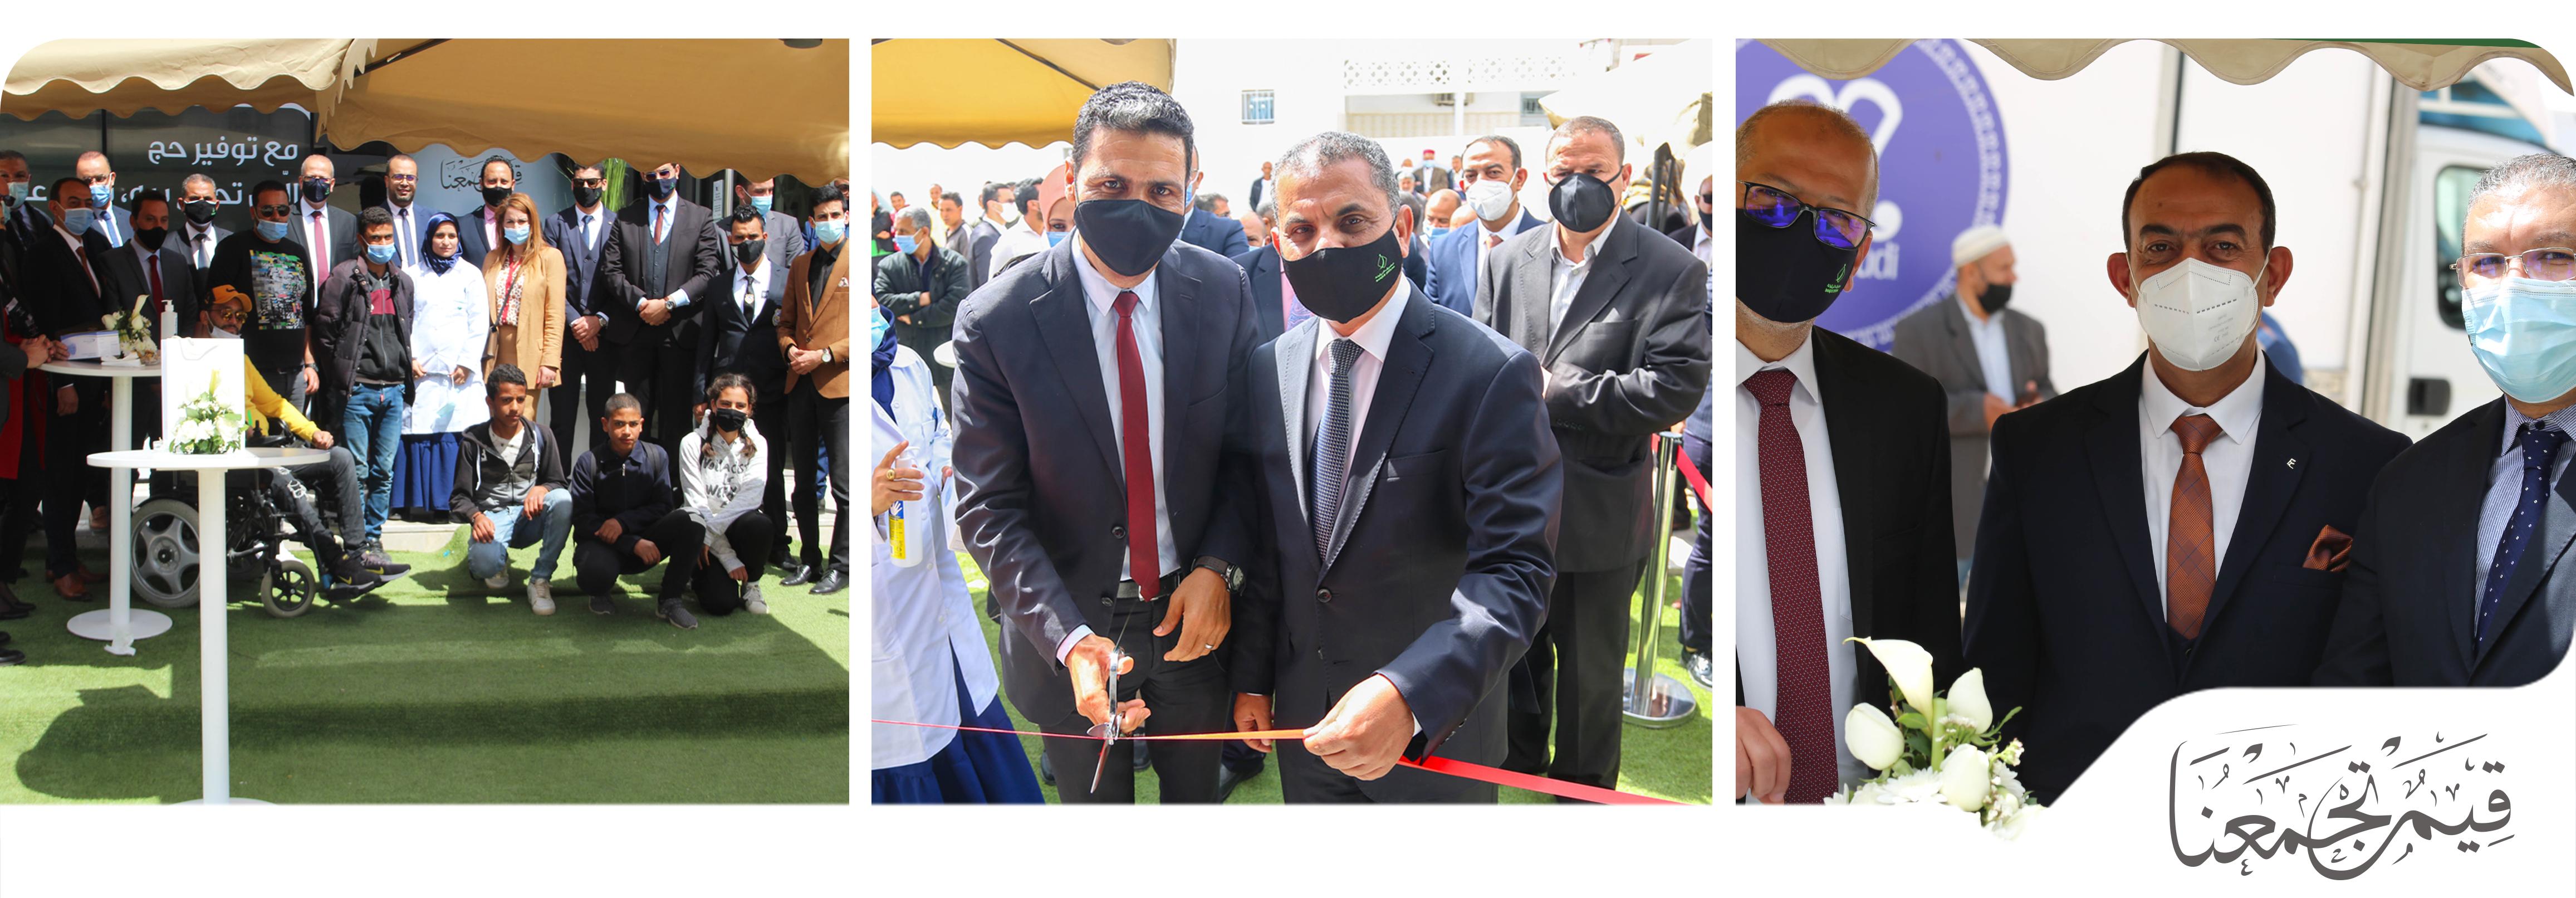 Inauguration Agence Bir Ali Ben Khalifa